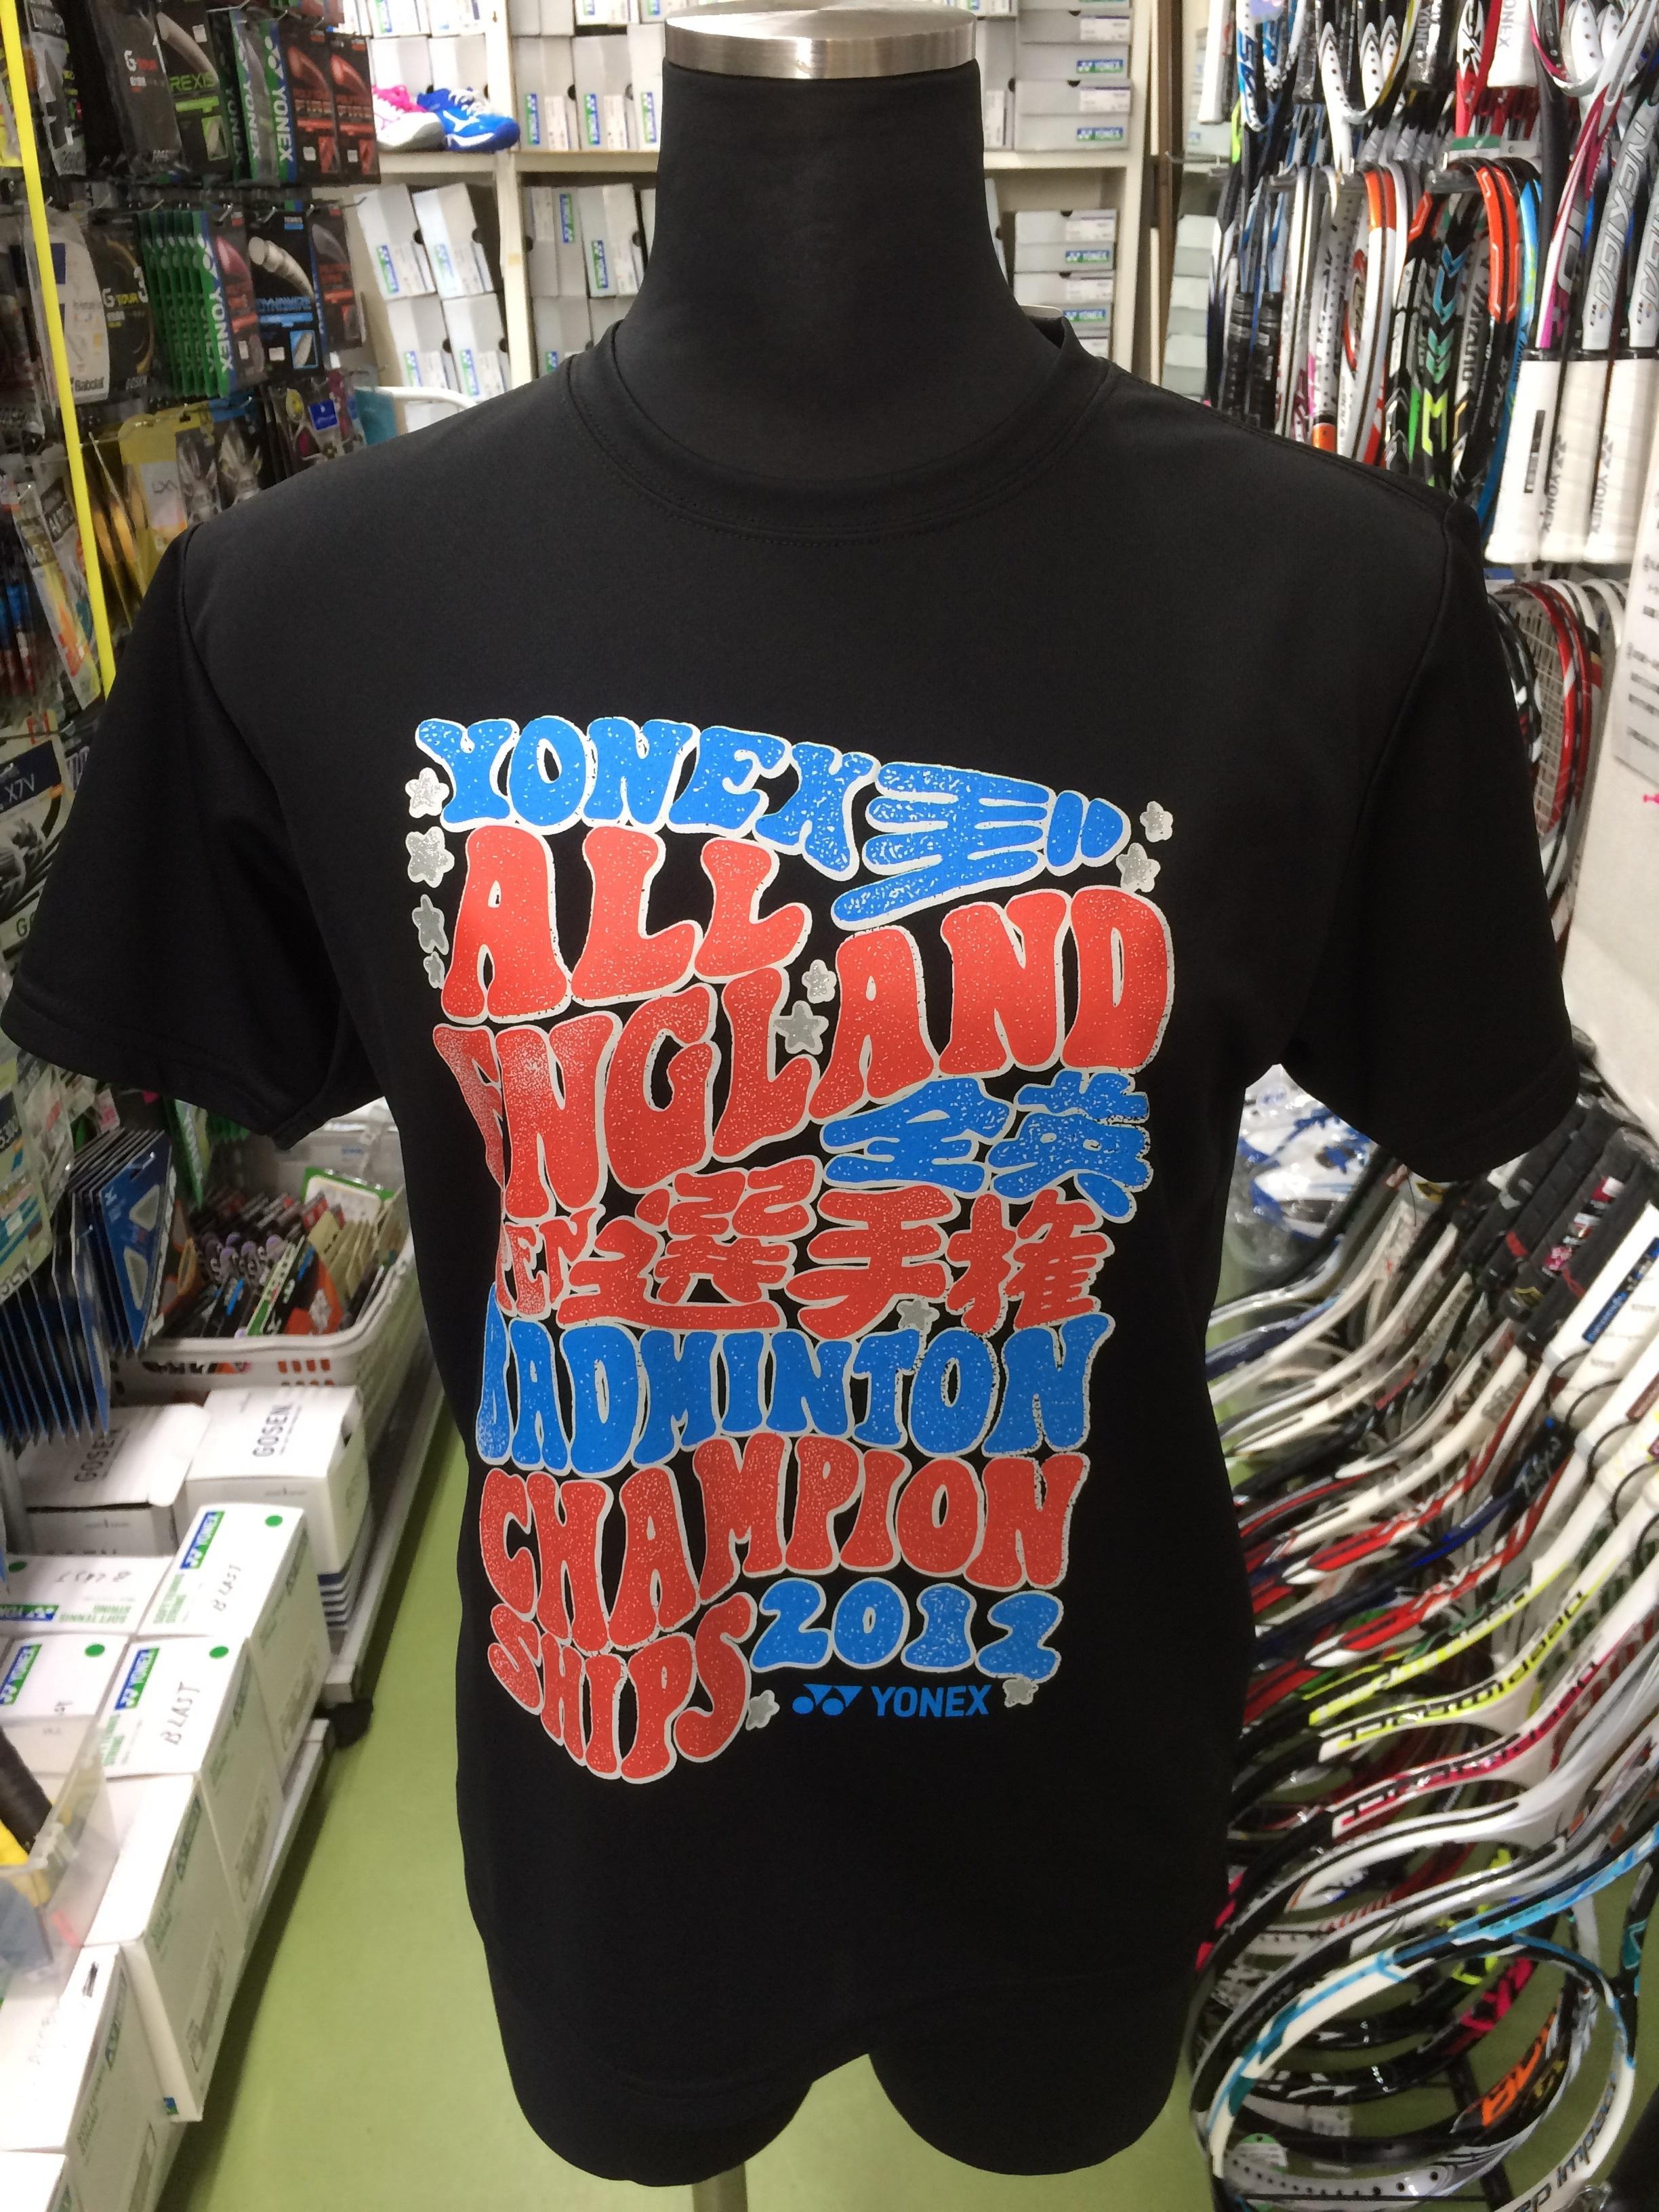 ヨネックス レディースドライTシャツ YOB12011 - 画像1